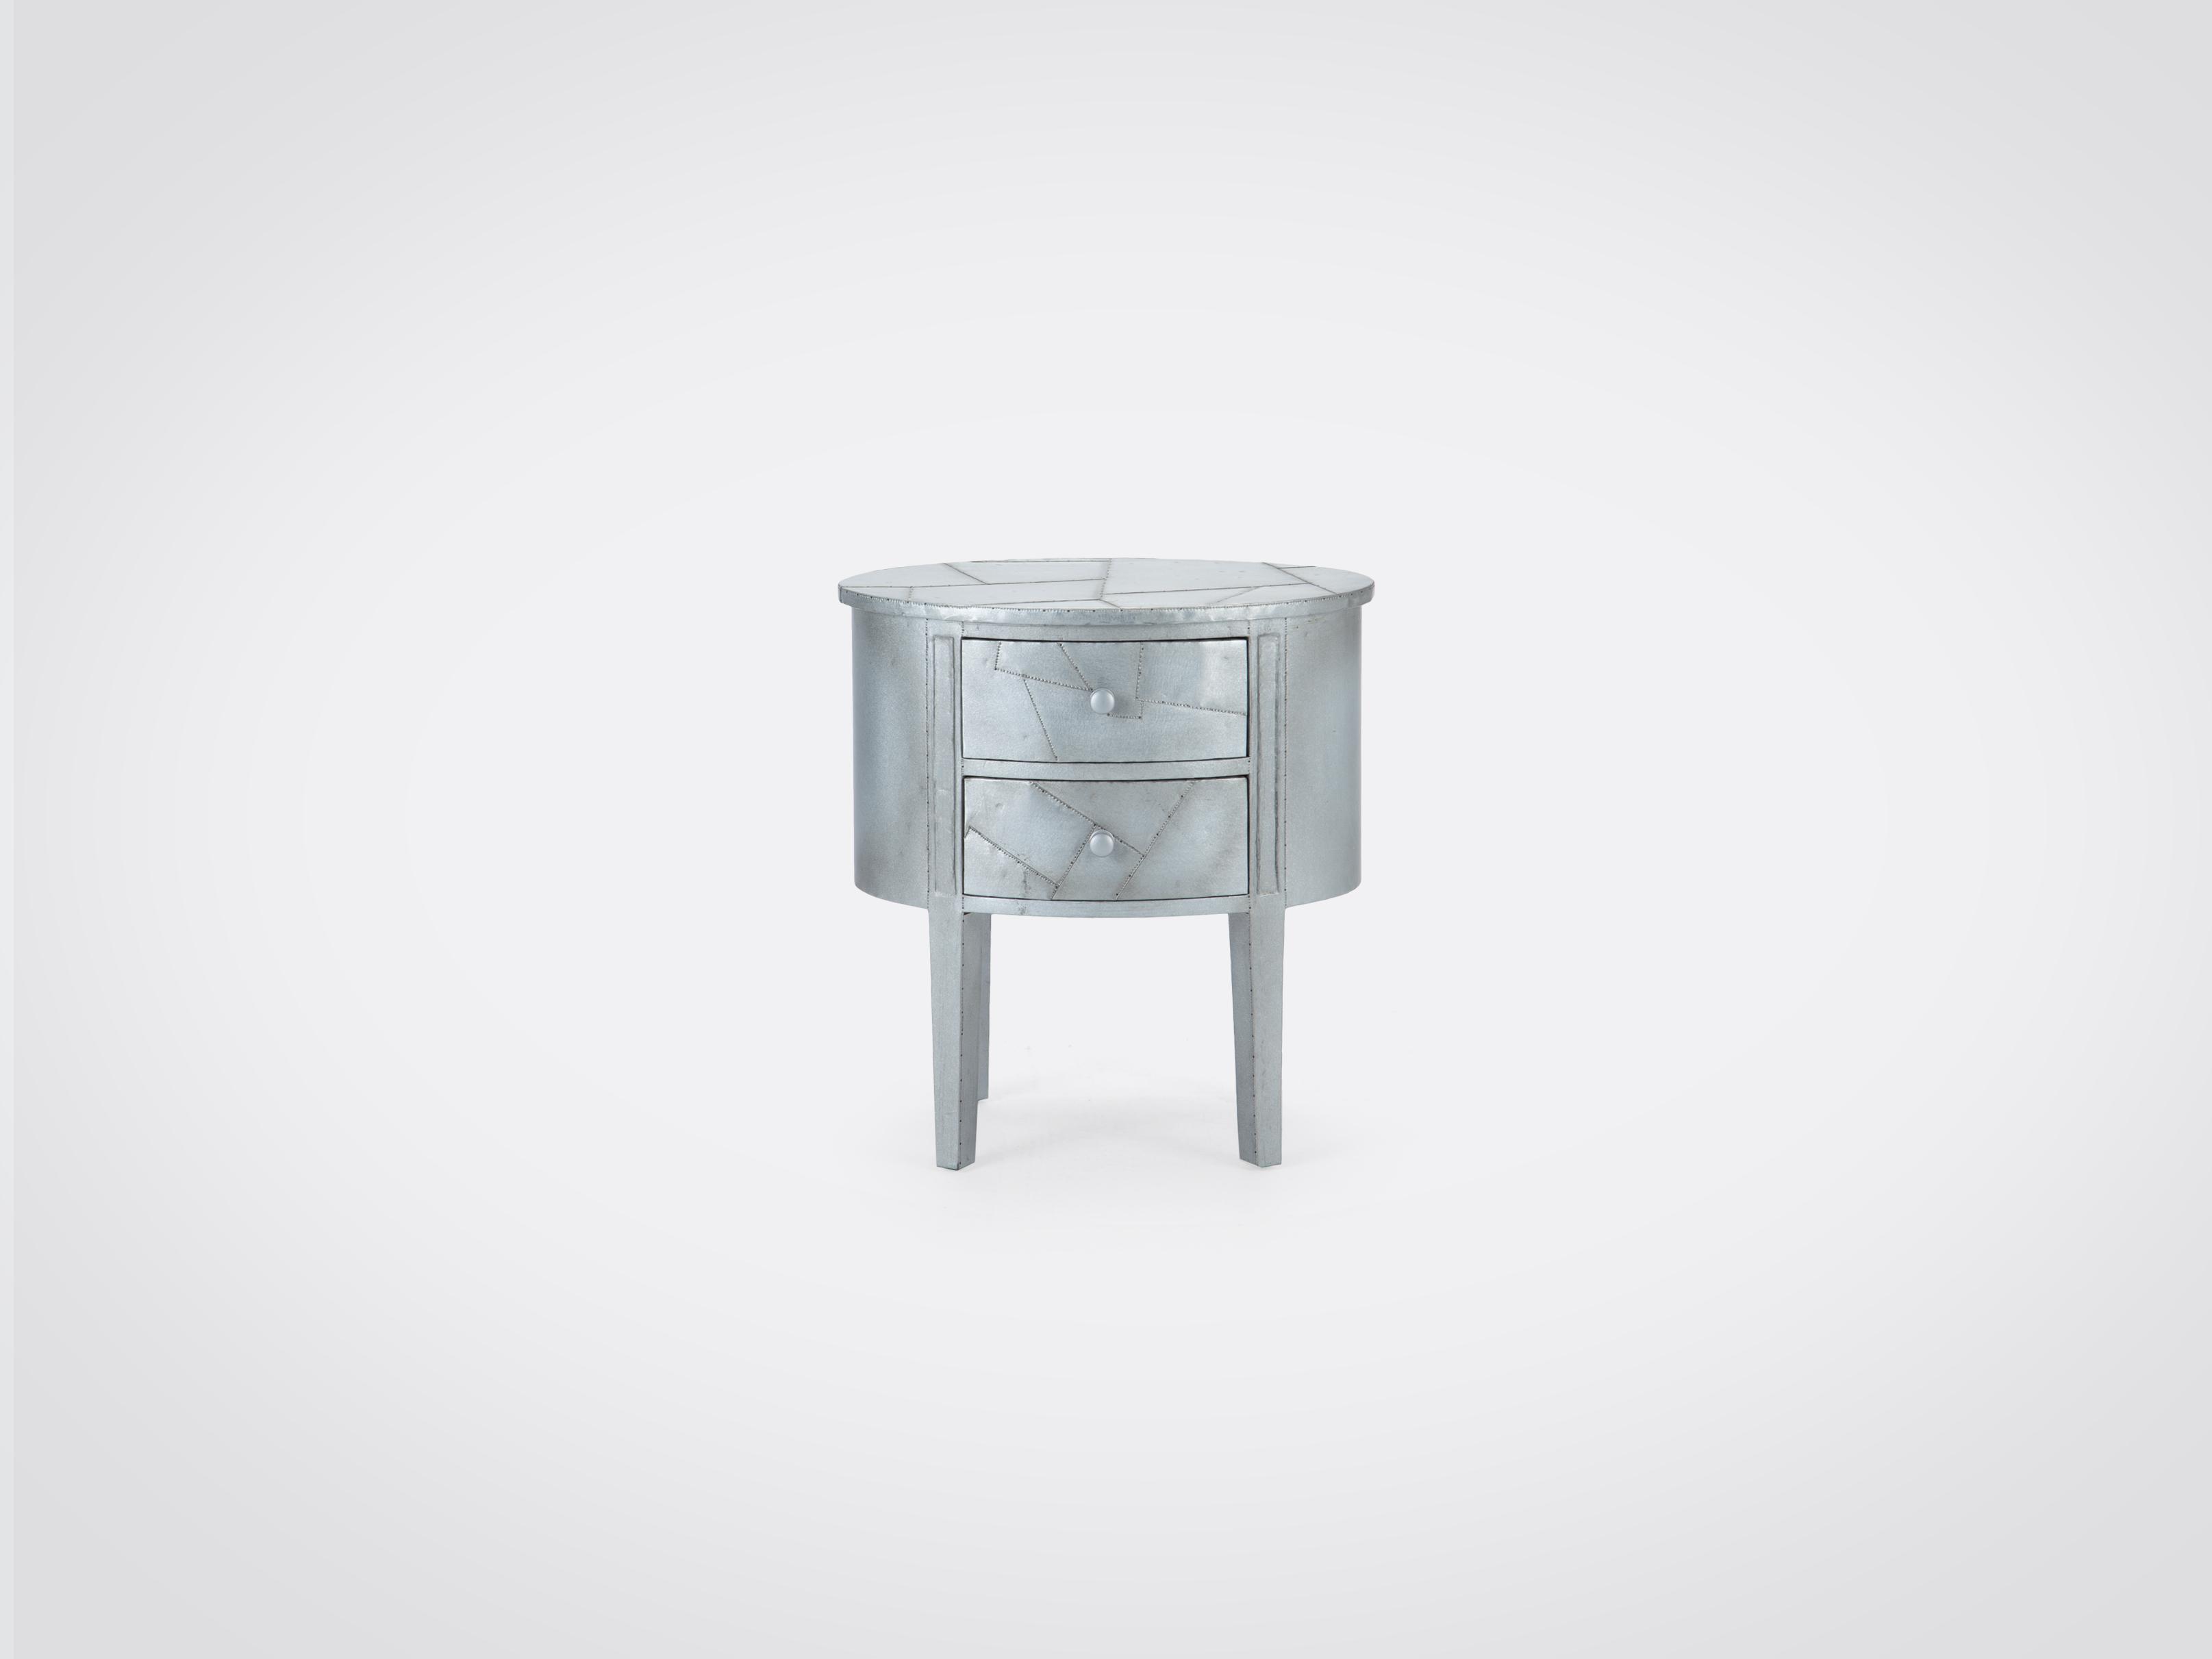 Купить Тумба овальной формы, декорирована покрытием из металла 70x67x47 см, inmyroom, Индонезия